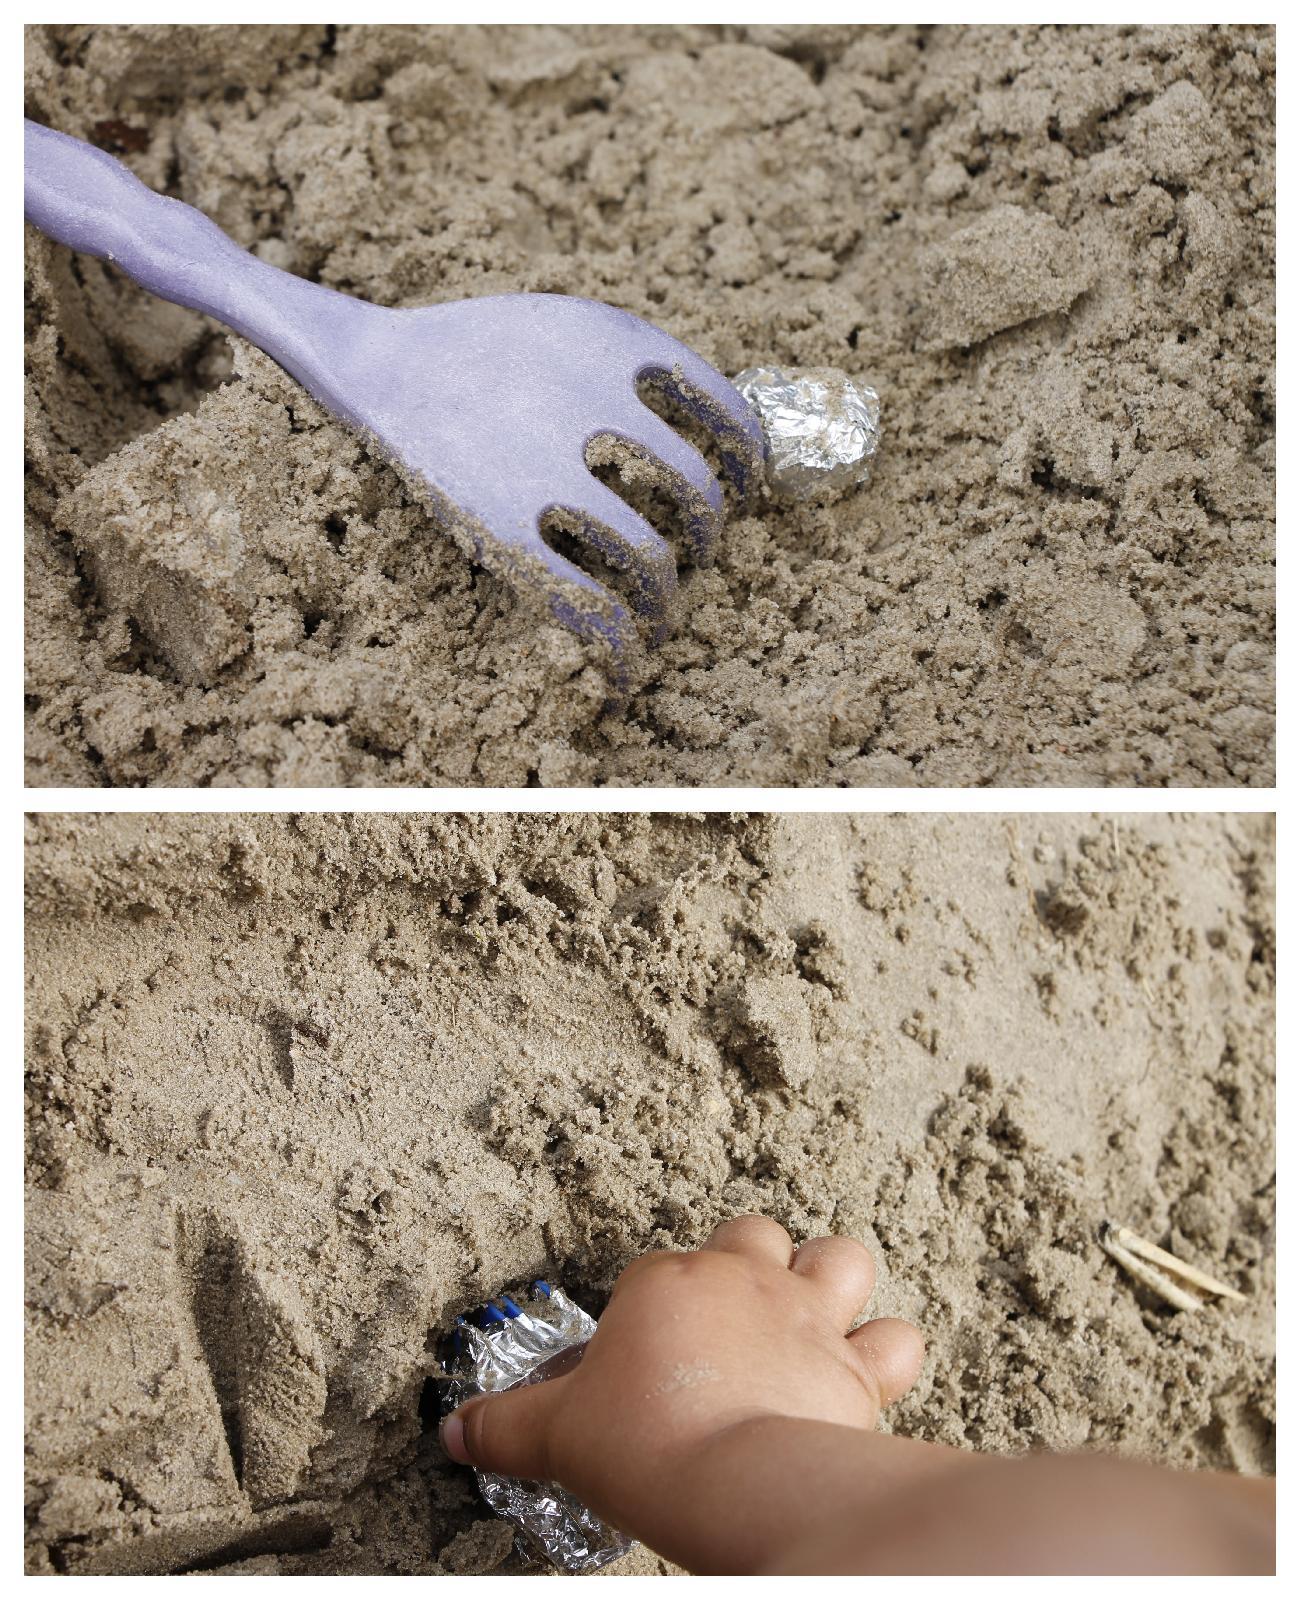 Schatzsuche im Sand